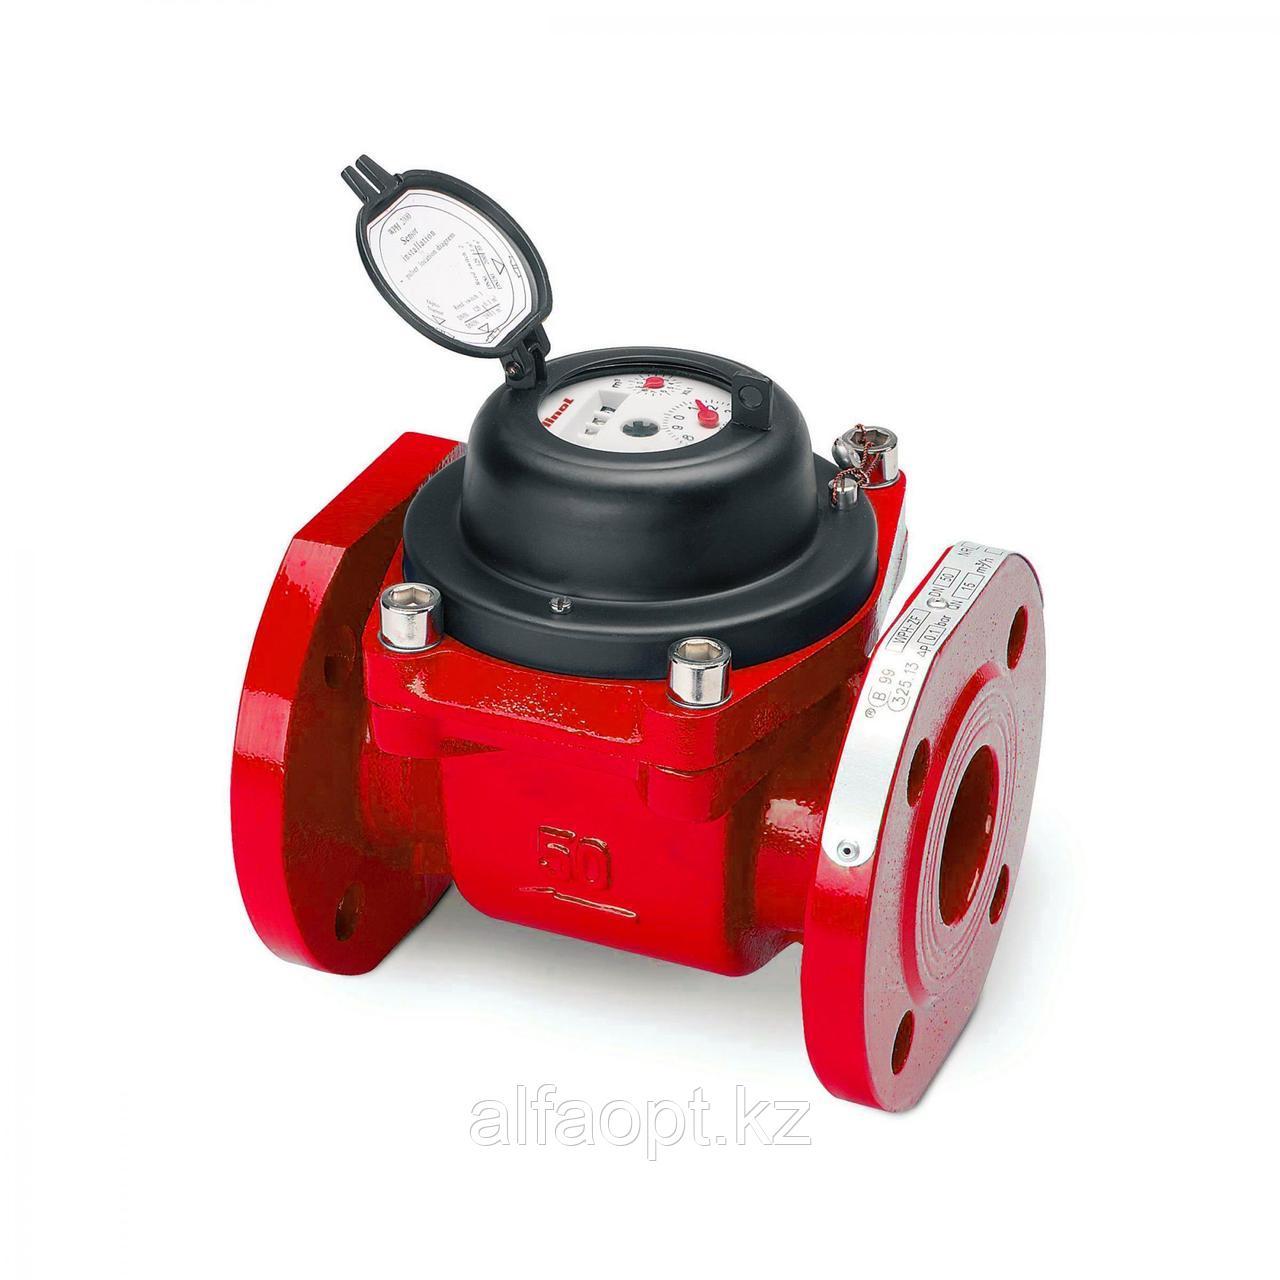 Счетчик воды турбинный Миномесс СВТХ/СВТГ DN 150 (СВТГ)